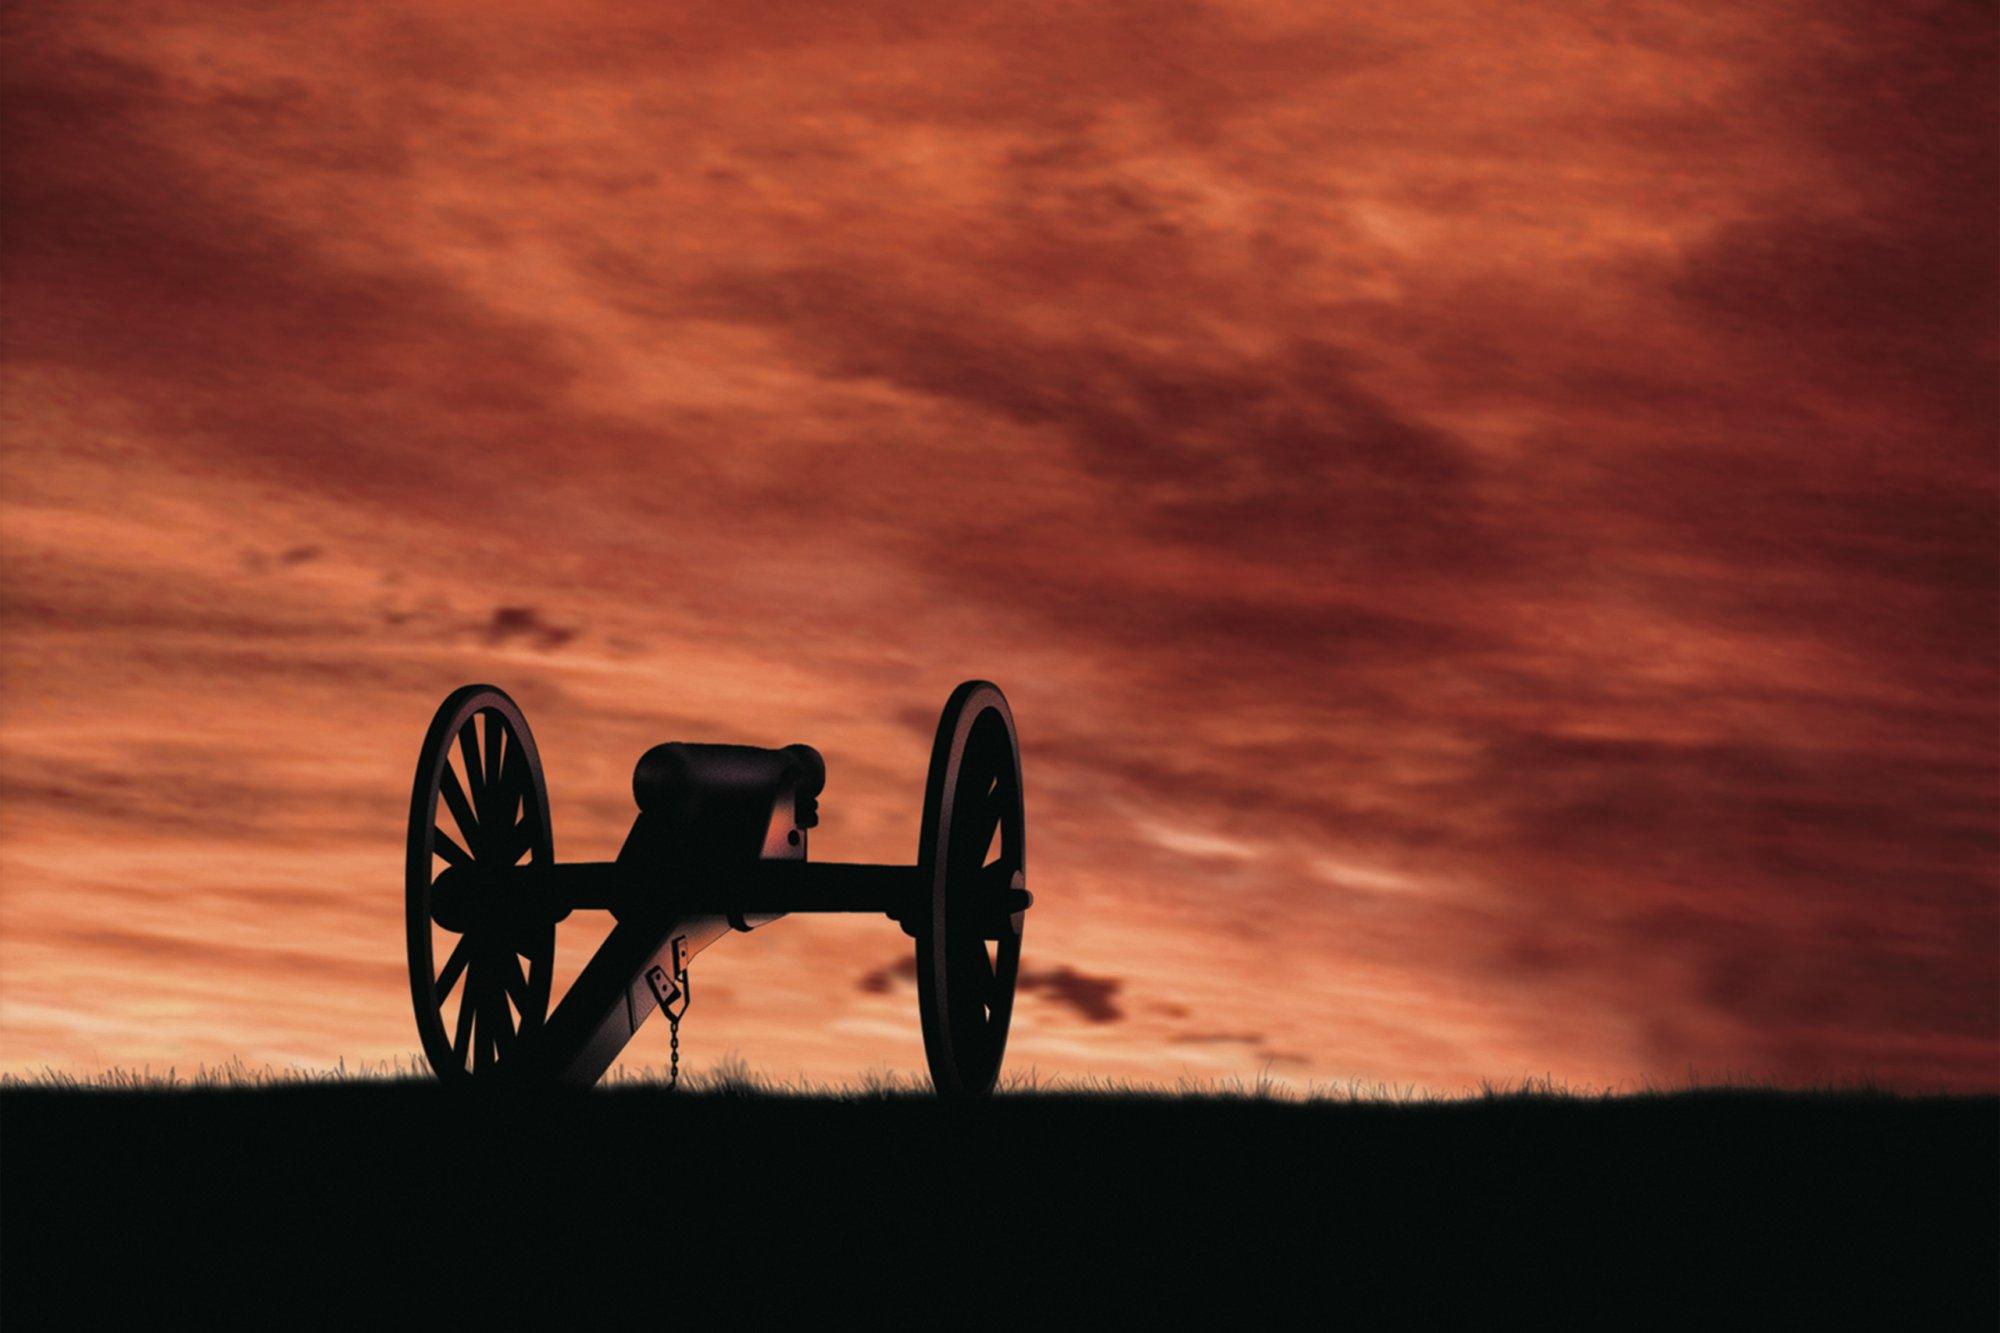 Ken Burns's The Civil War